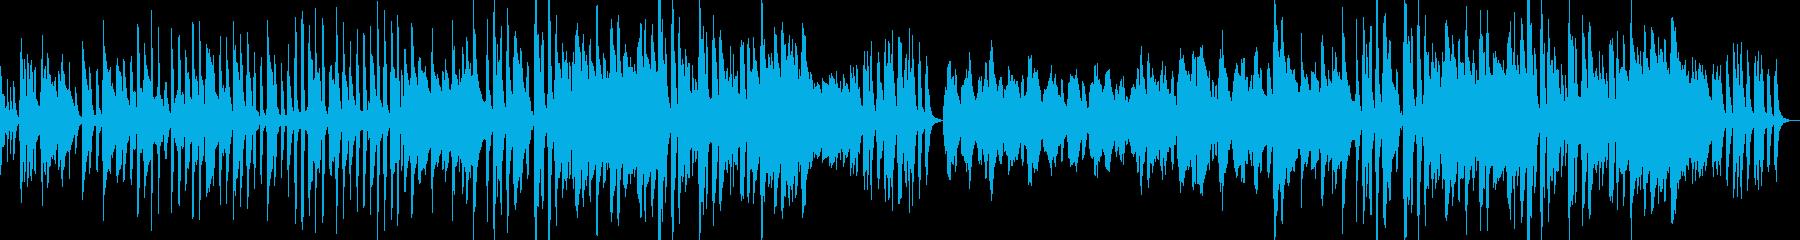 生演奏風少し間抜けでほのぼの可愛い感じの再生済みの波形